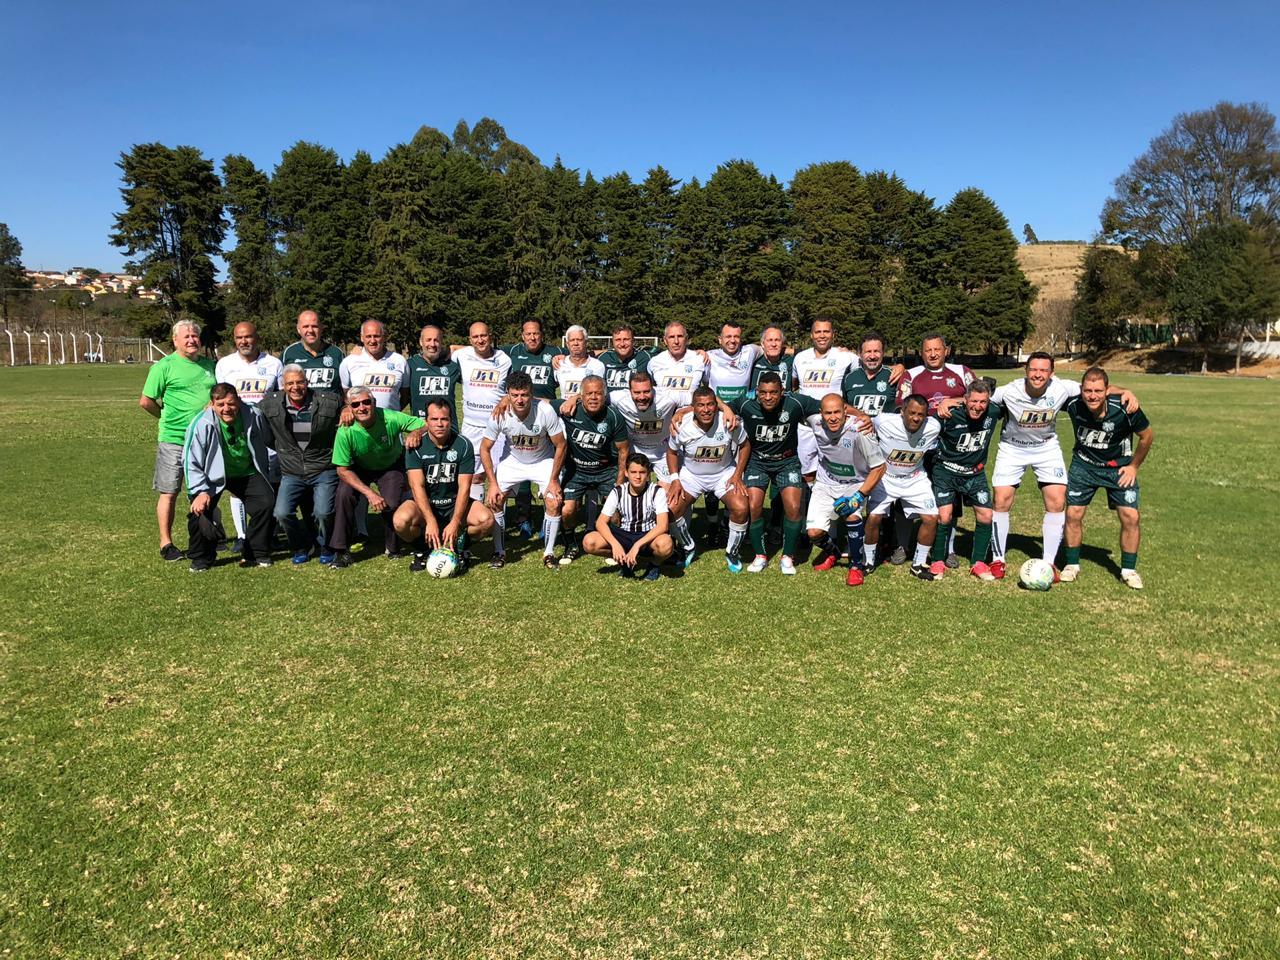 Equipe de futebol máster realiza jogo-treino visando os próximos compromissos